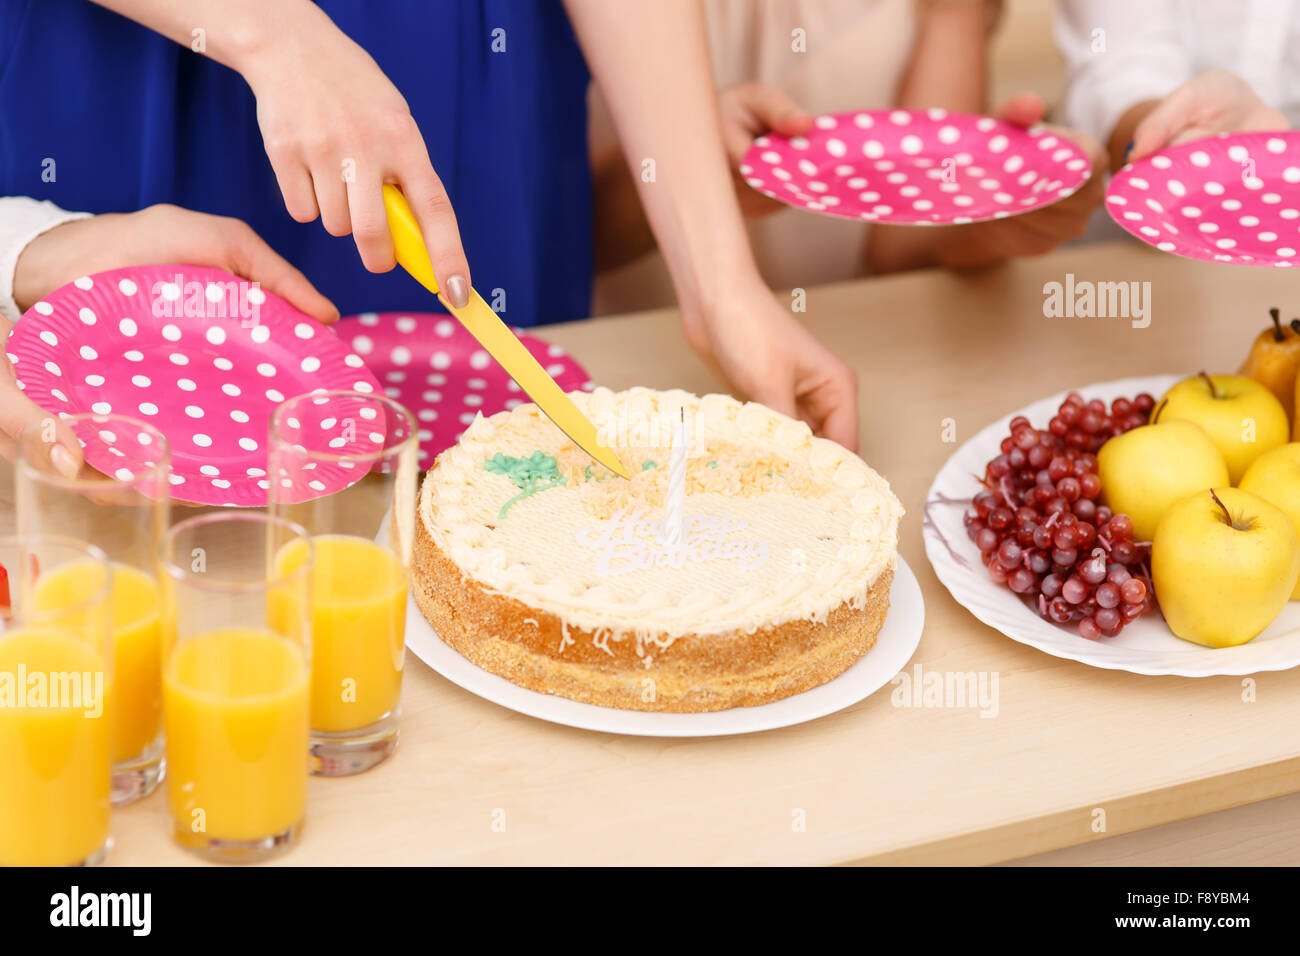 Las niñas están a punto de compartir una tarta de cumpleaños. Imagen De Stock